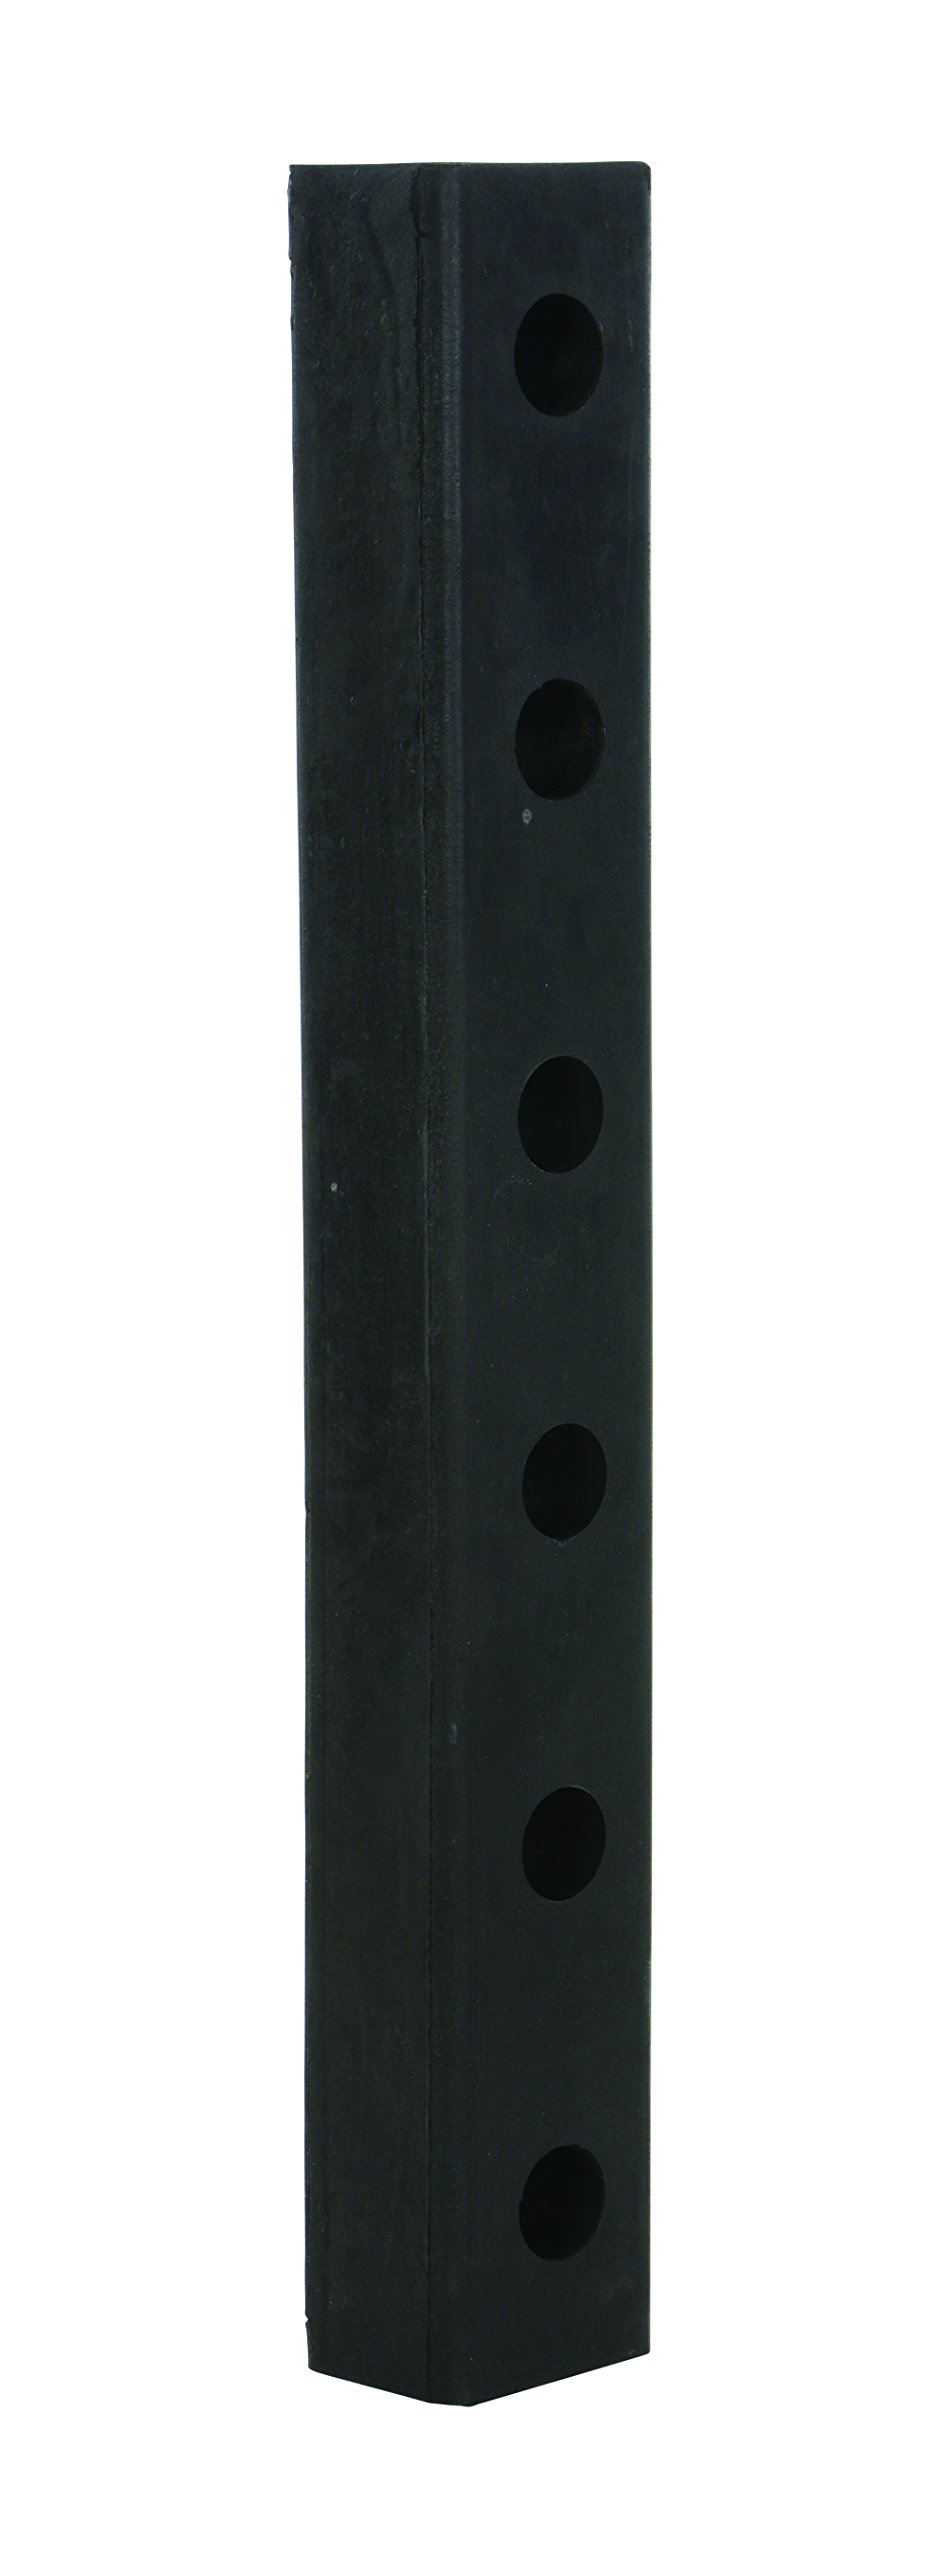 Vestil DBE-30-1 Rubber Hardened Molded Bumper, Rectangular, Vertical Mount, 30'' Length, 4-1/2'' Width, 3'' Depth